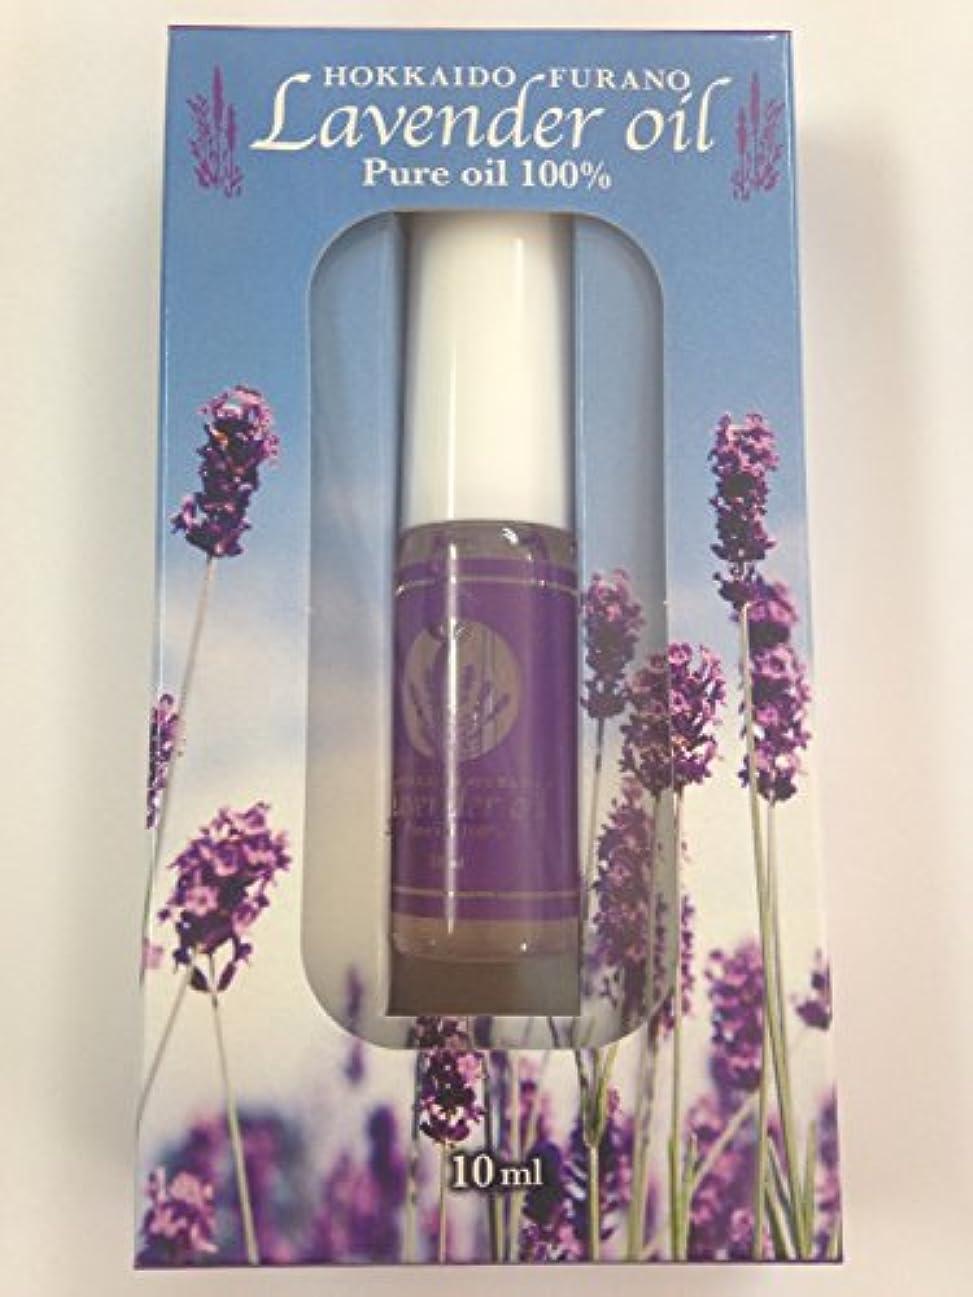 退屈な浅い拍手する北海道◆ラベンダー天然精油100%?10ml<水蒸気蒸留法>Lavender oil